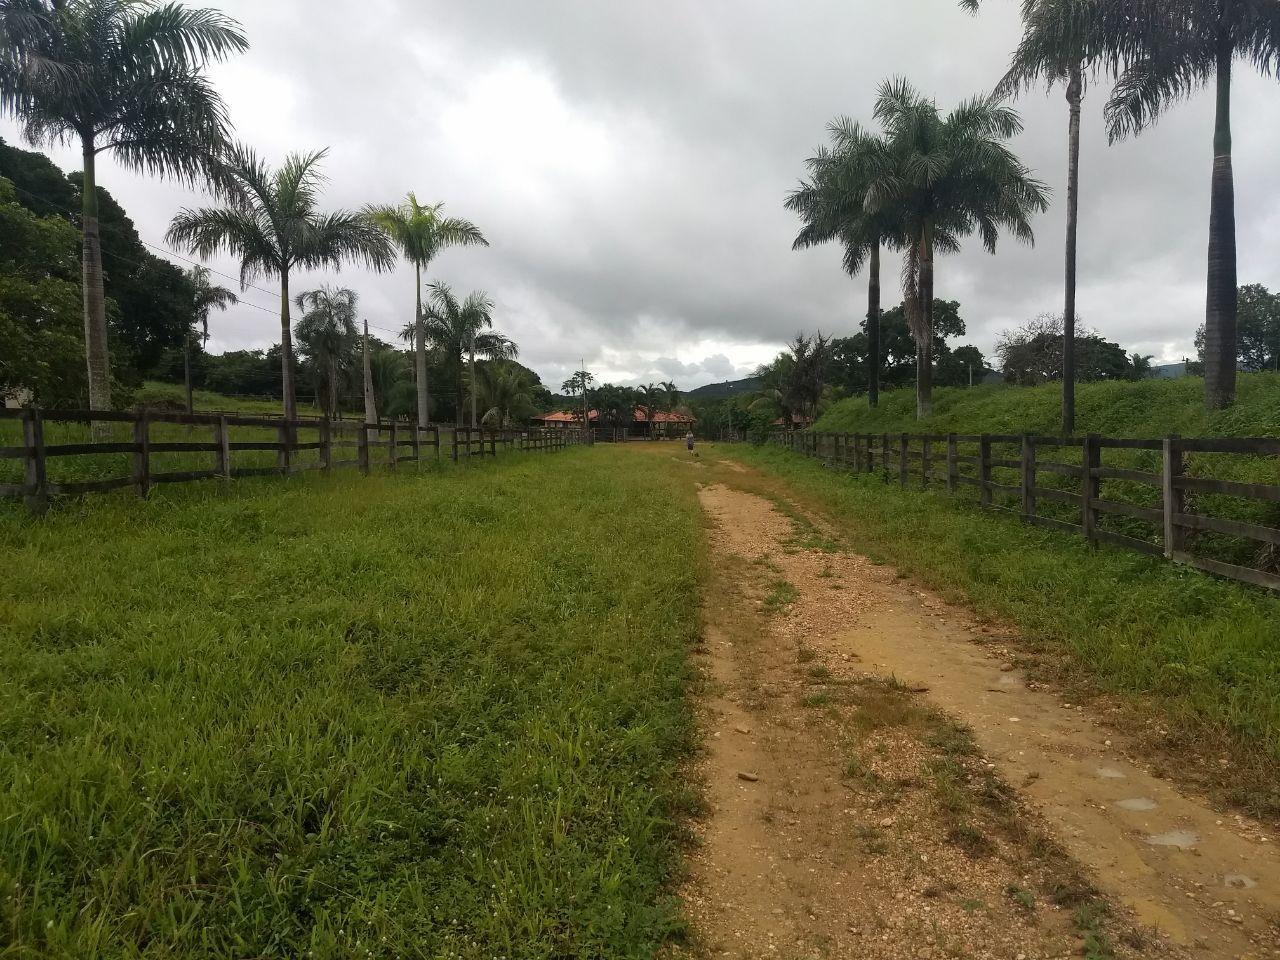 FOTO0 - Fazenda à venda Rua Logradouro Sem Nome,Zona Rural, Vila Propício - R$ 10.000.000 - FA0001 - 1